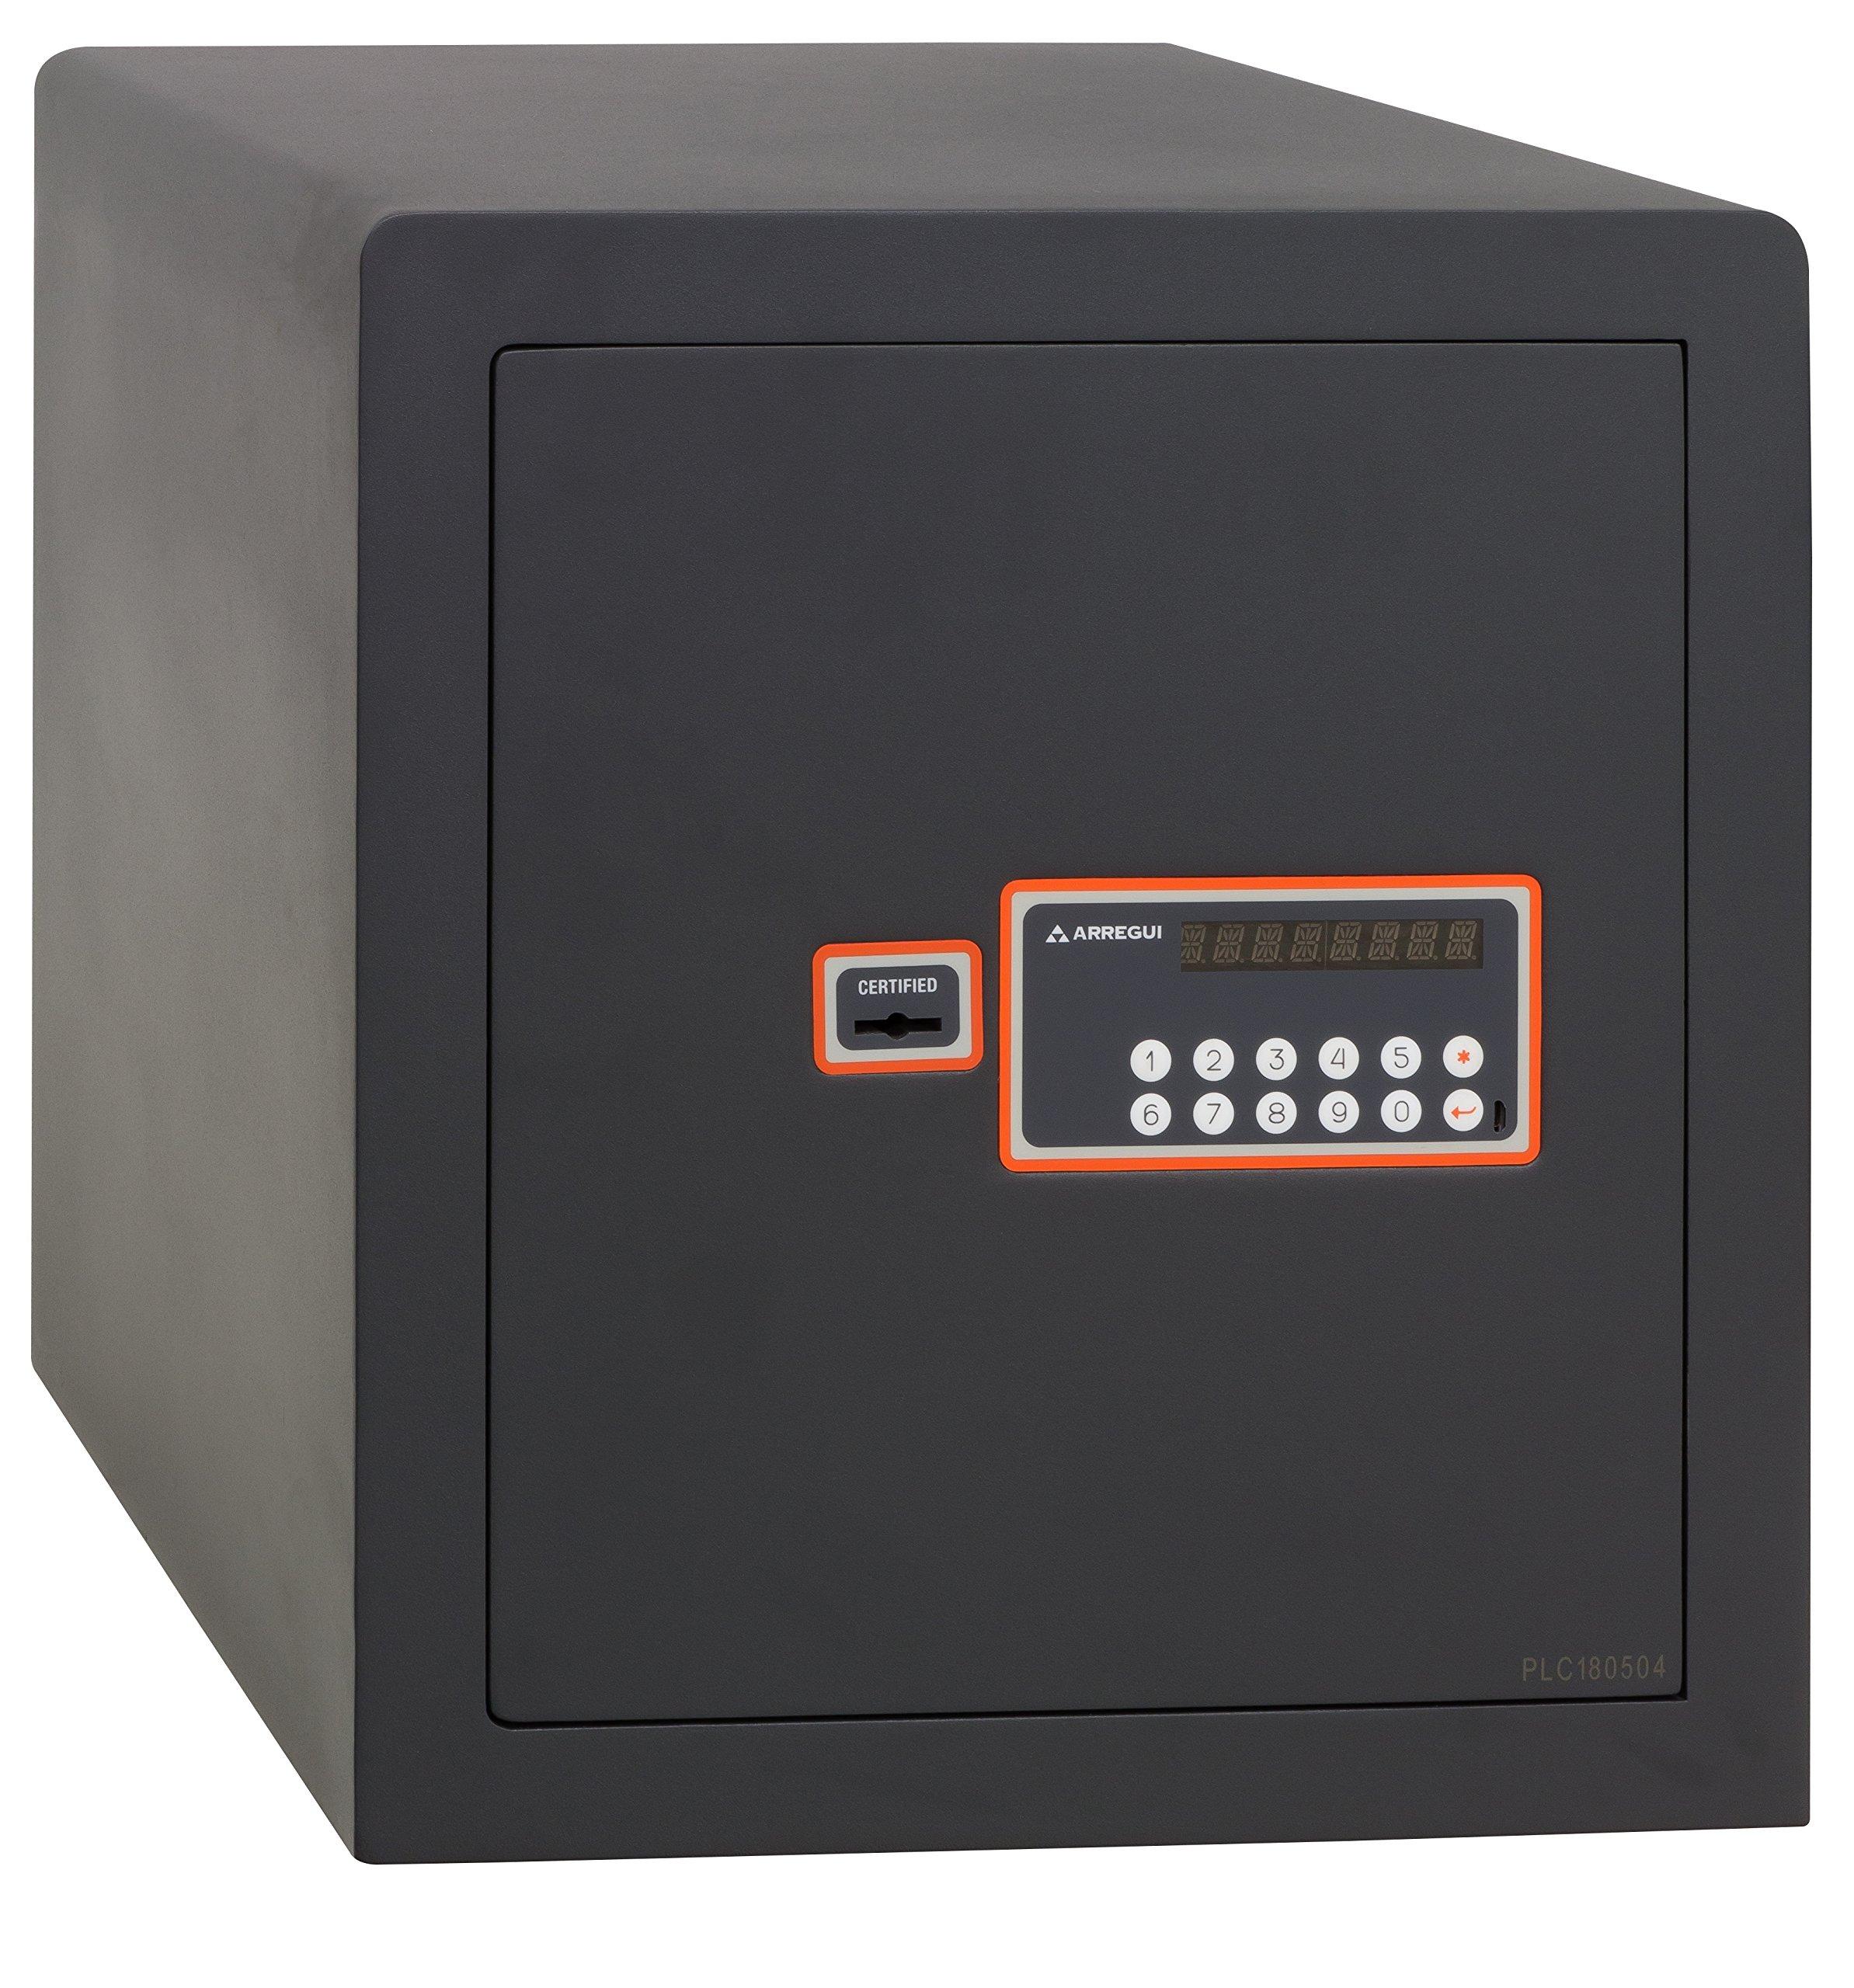 Arregui - Caja Fuerte sobreponer electrónica gris grafito CERTIFICADA S2: Amazon.es: Bricolaje y herramientas